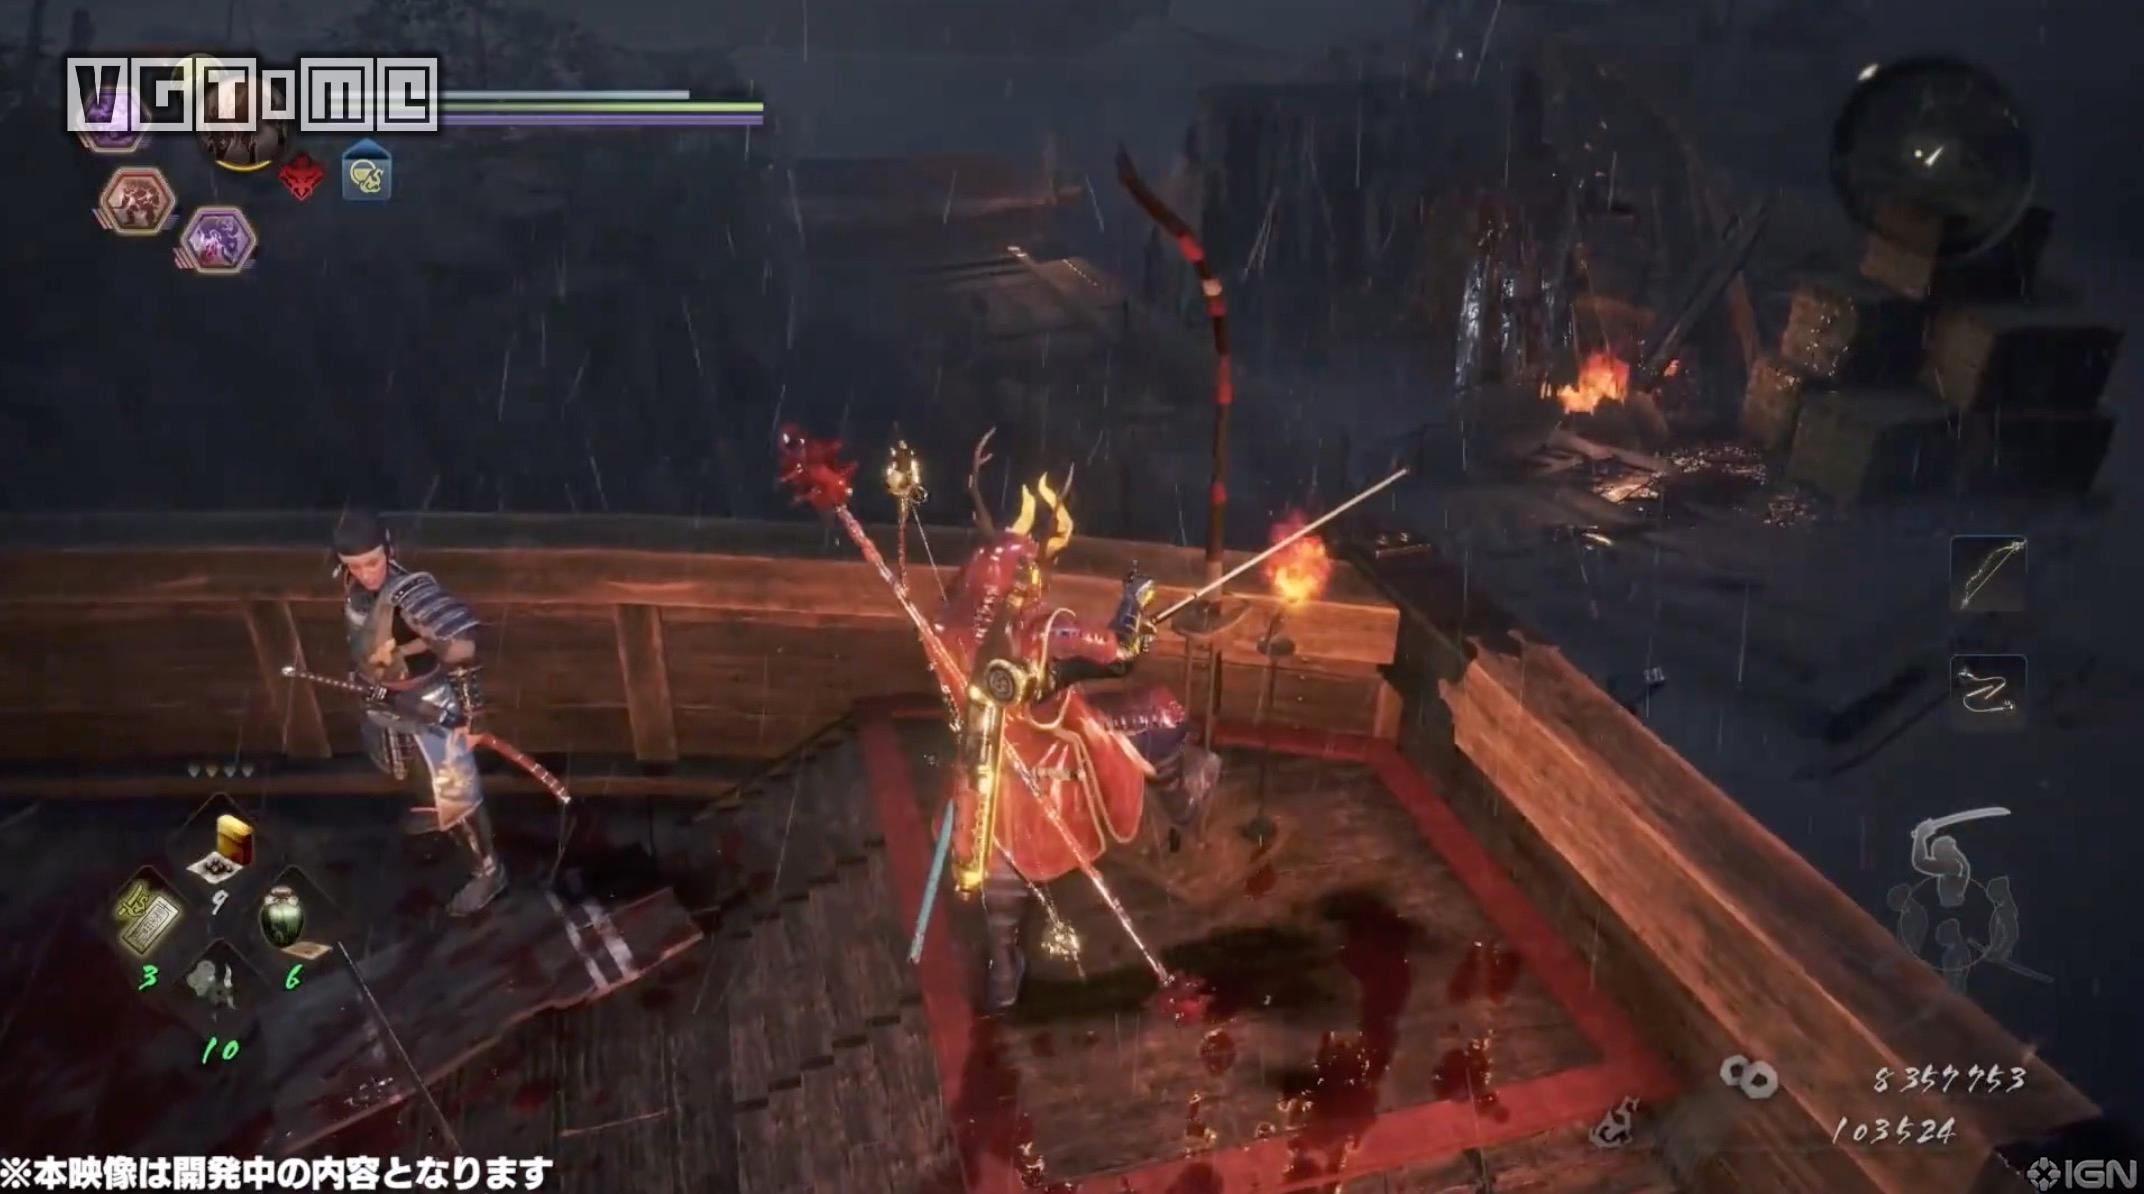 《仁王2》第一弹DLC「牛若战记」实机演示公开